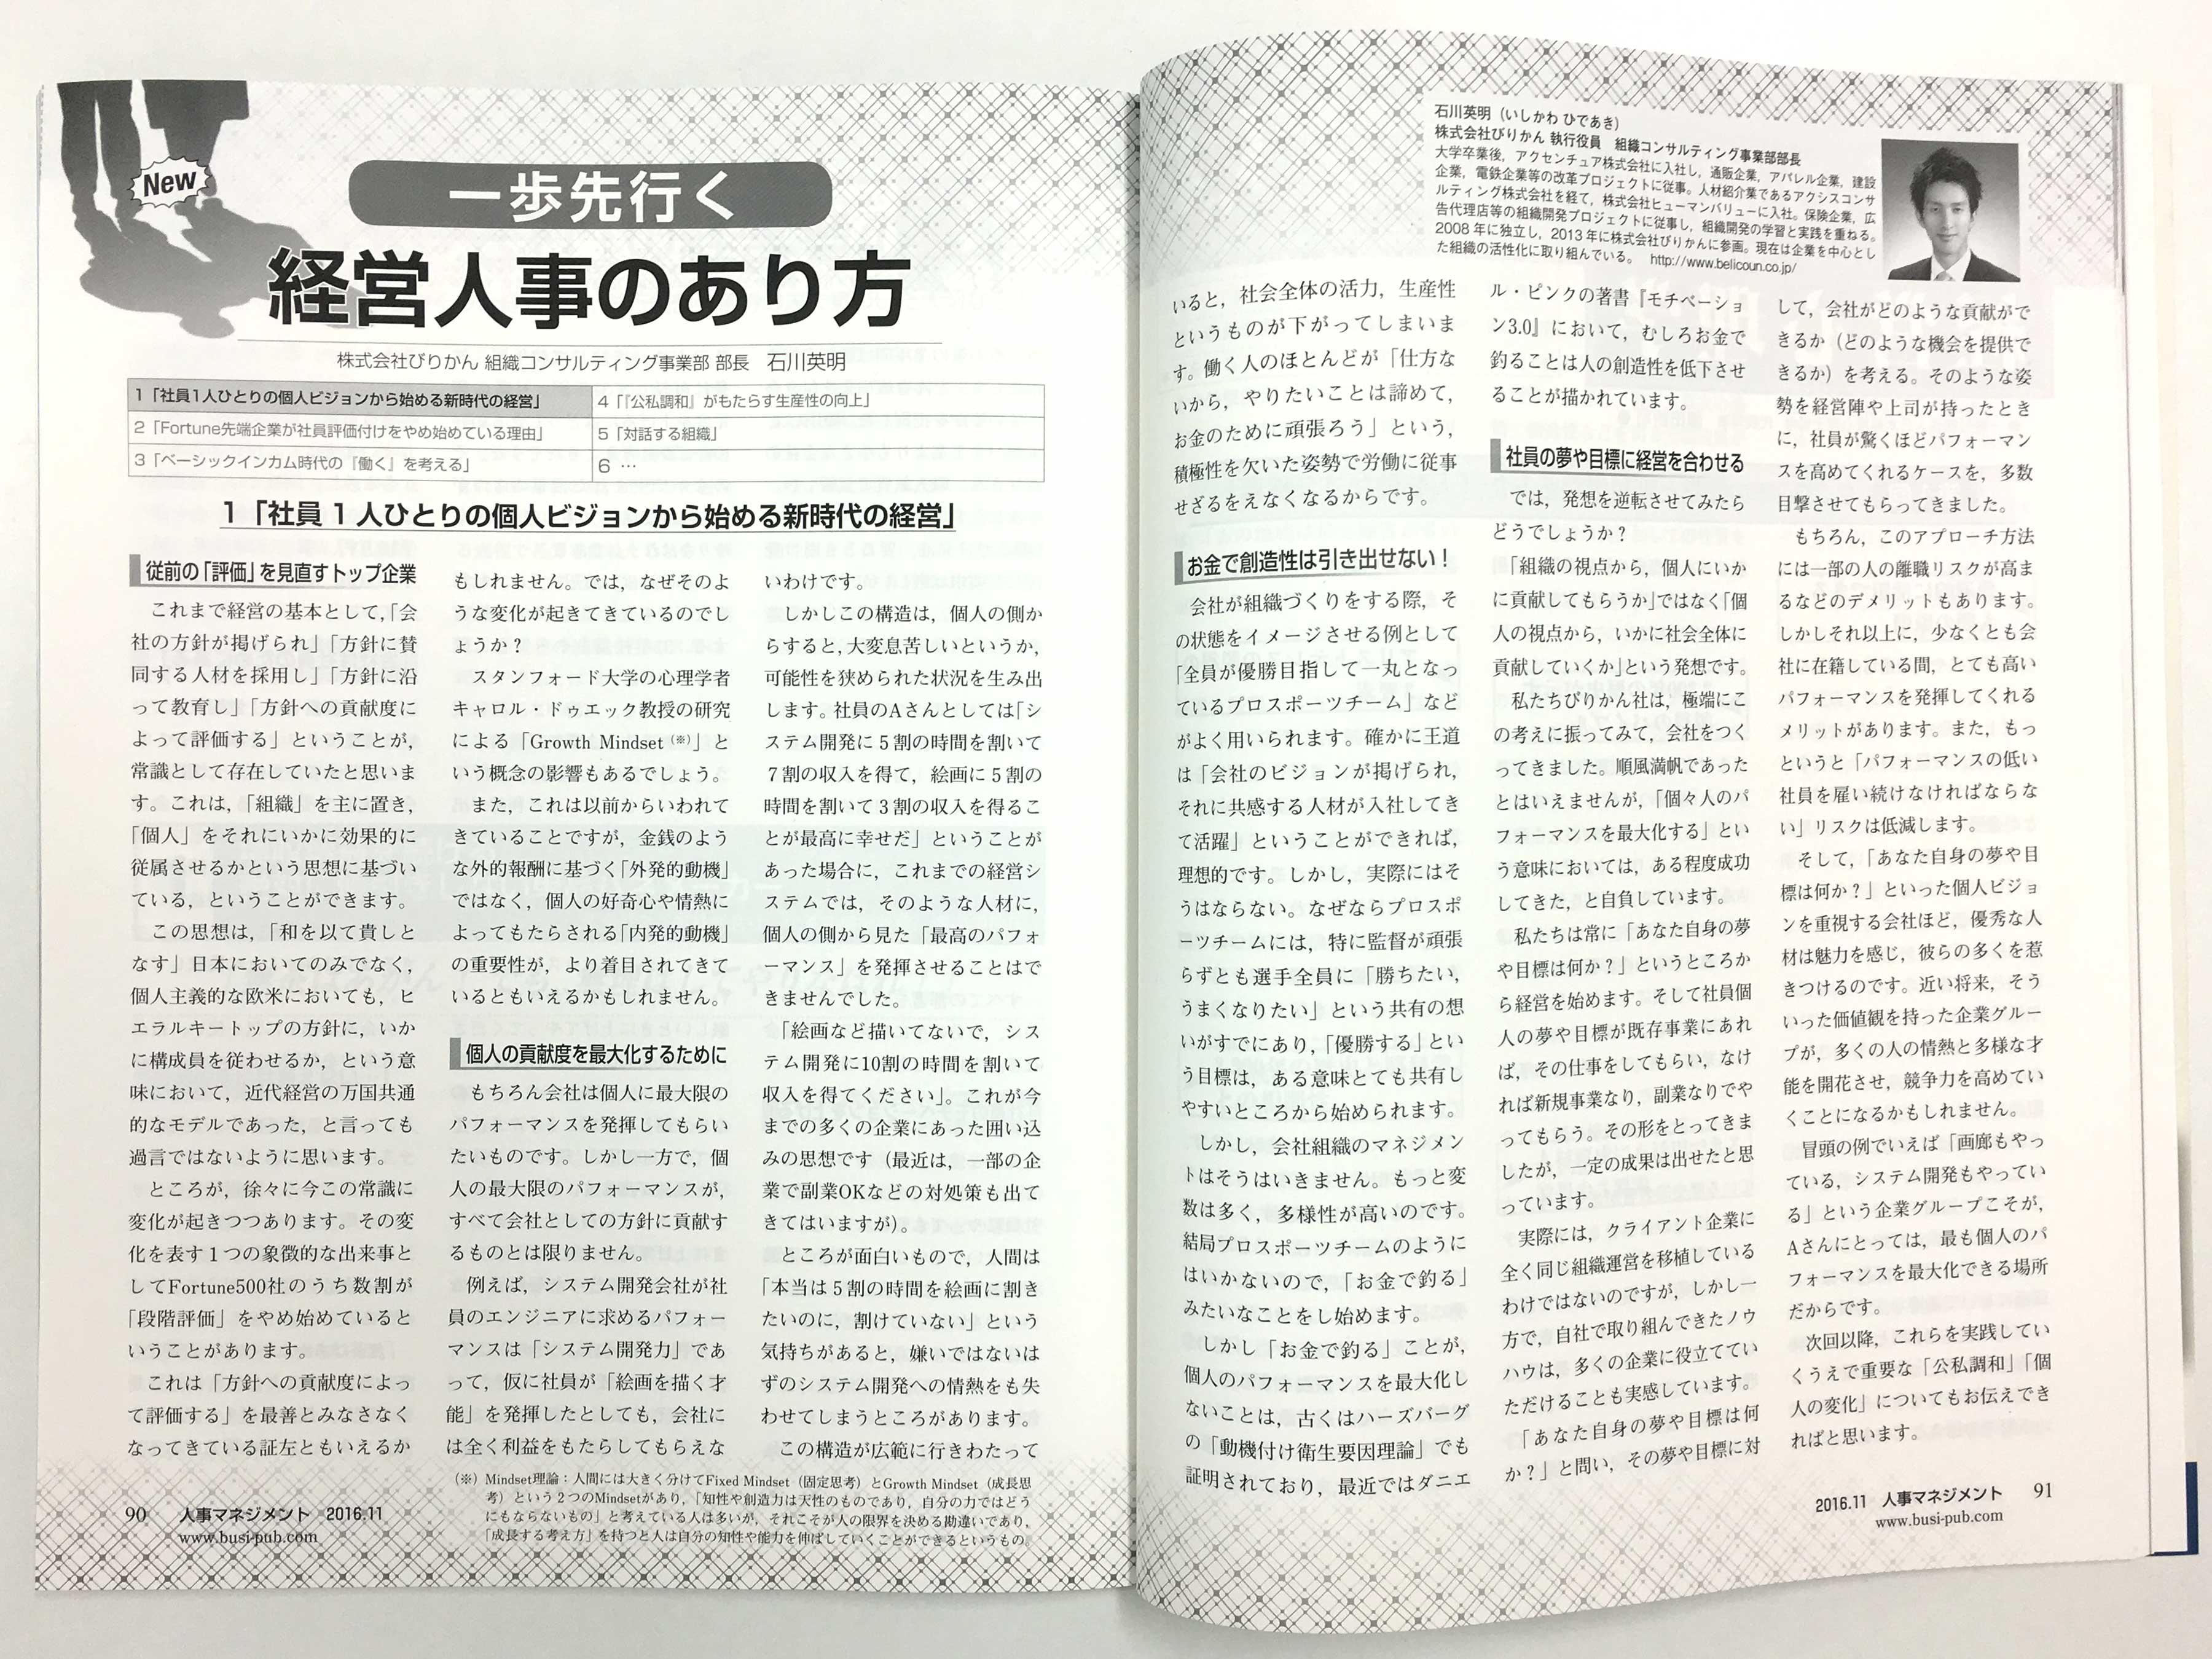 『月刊 人事マネジメント』(2016年11月号)